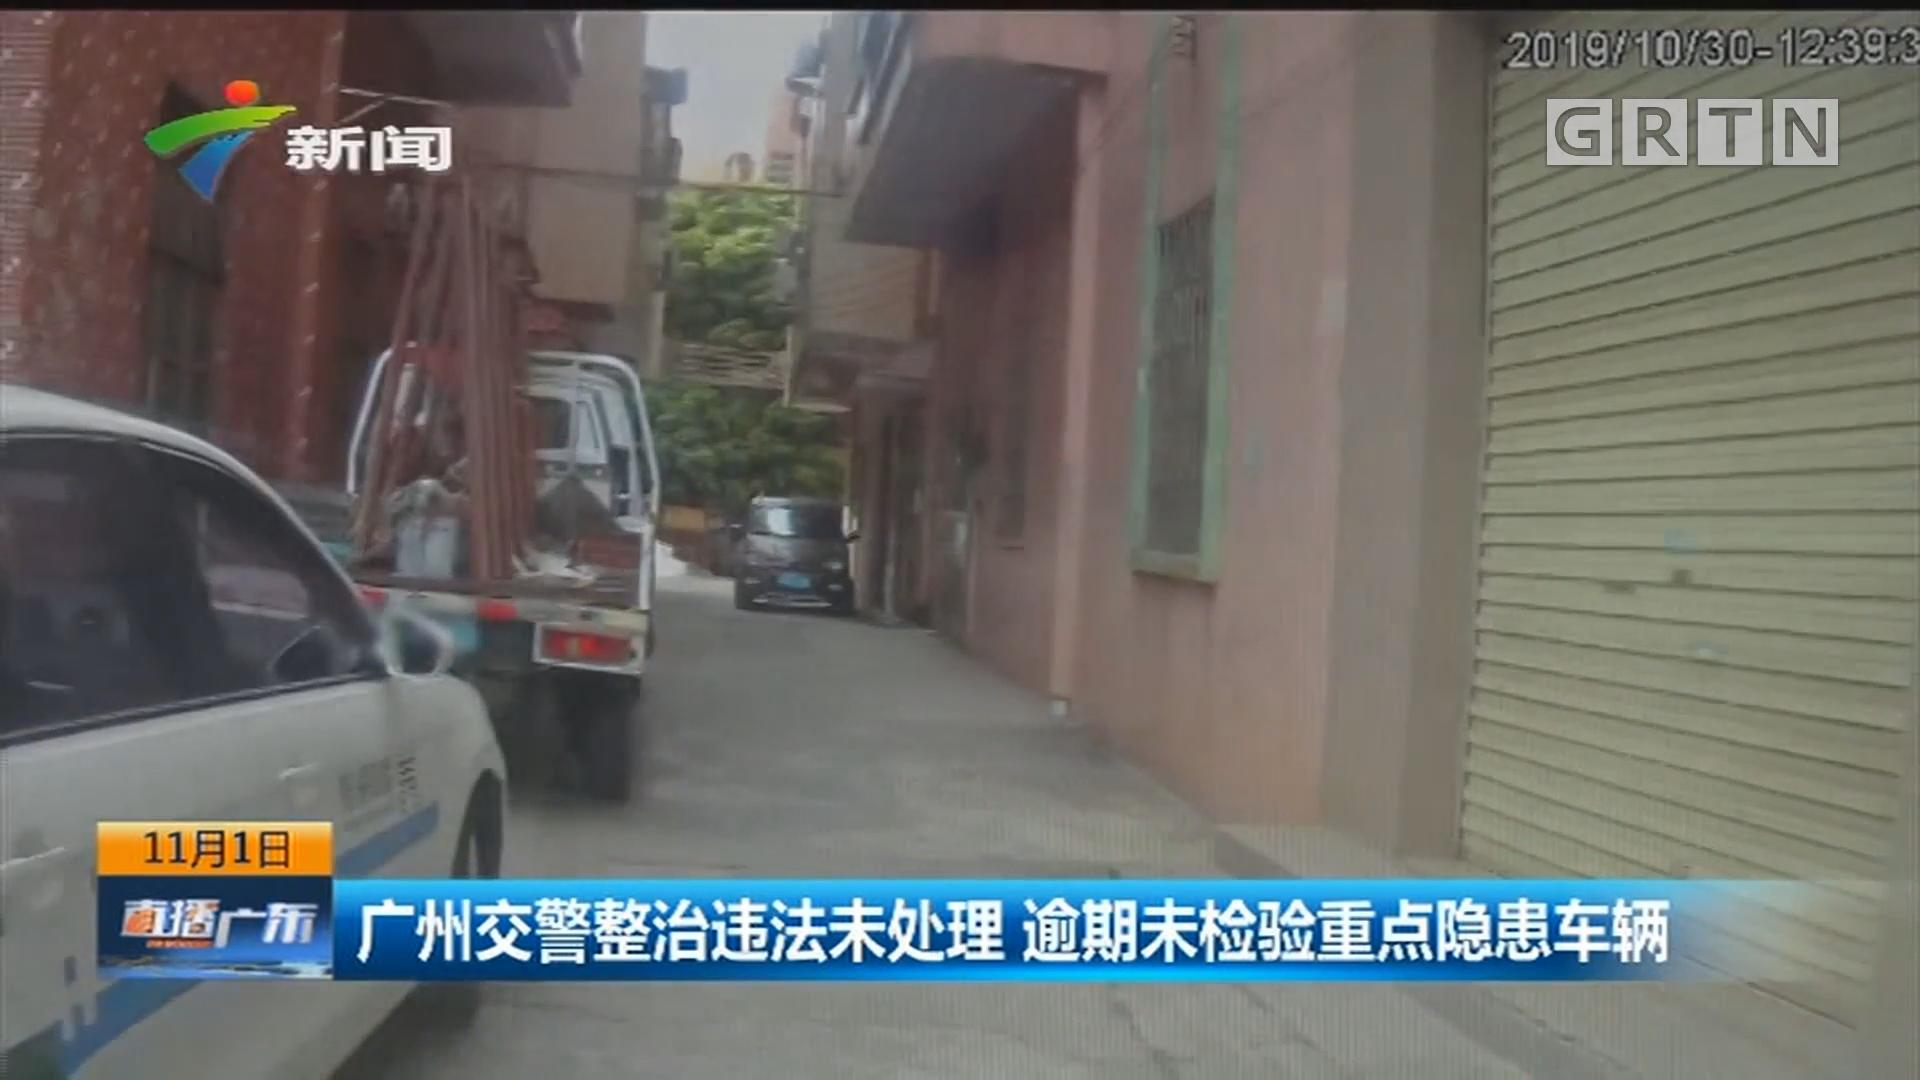 广州交警整治违法未处理 逾期未检验重点隐患车辆